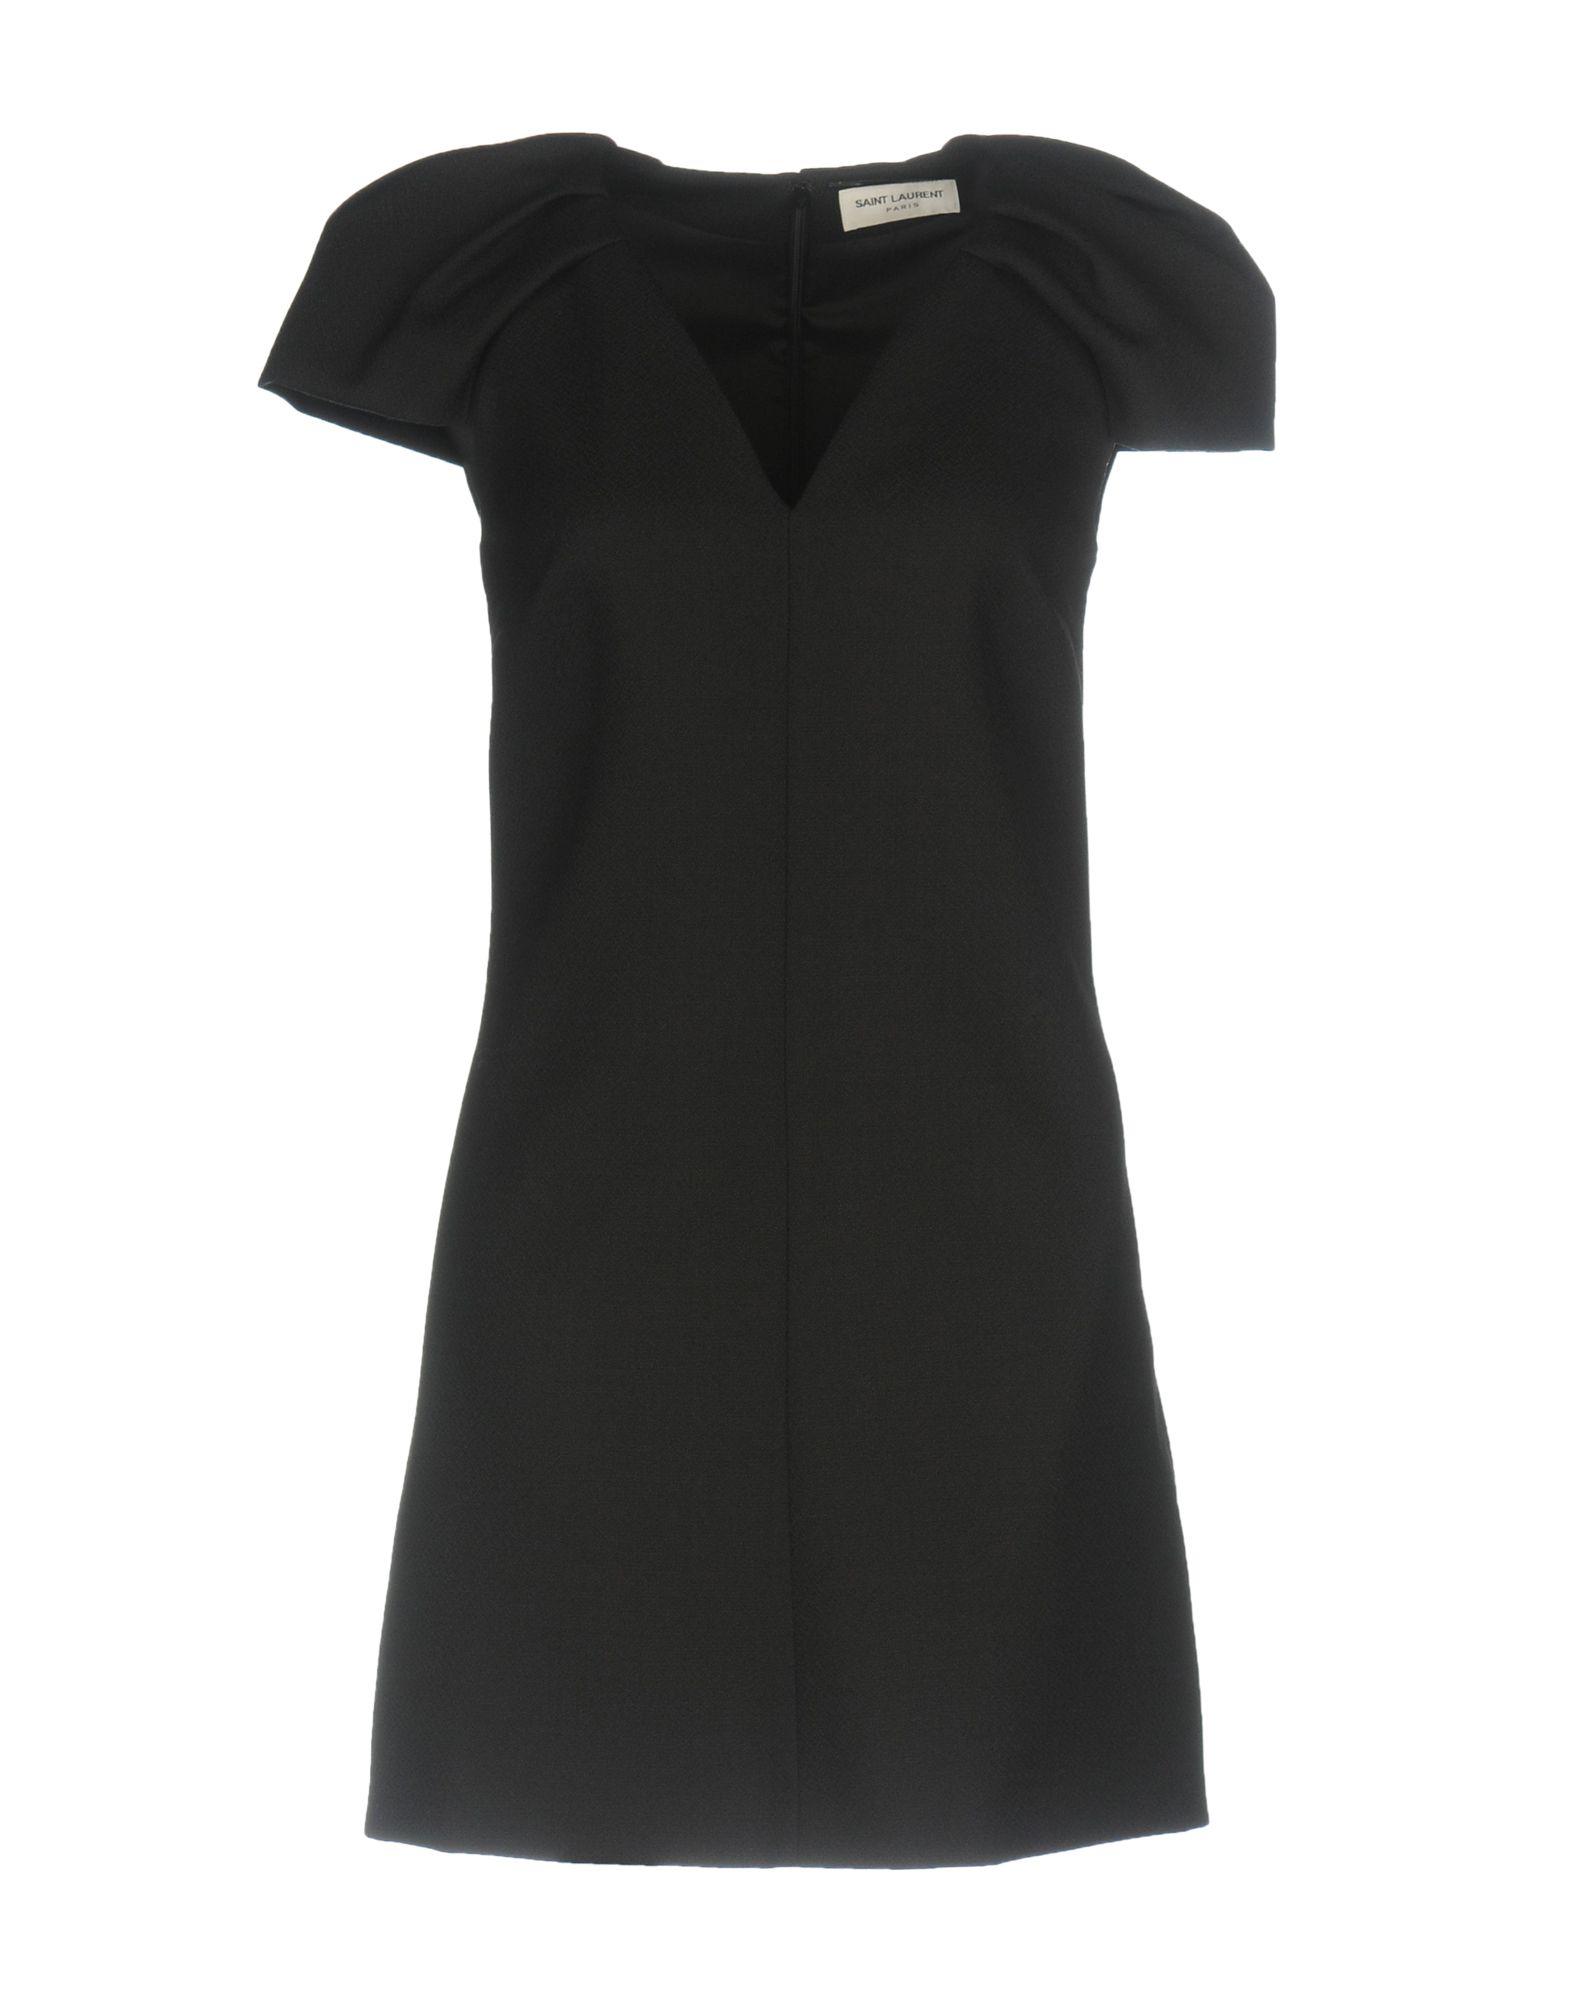 SAINT LAURENT Damen Kurzes Kleid Farbe Schwarz Größe 5 jetztbilligerkaufen